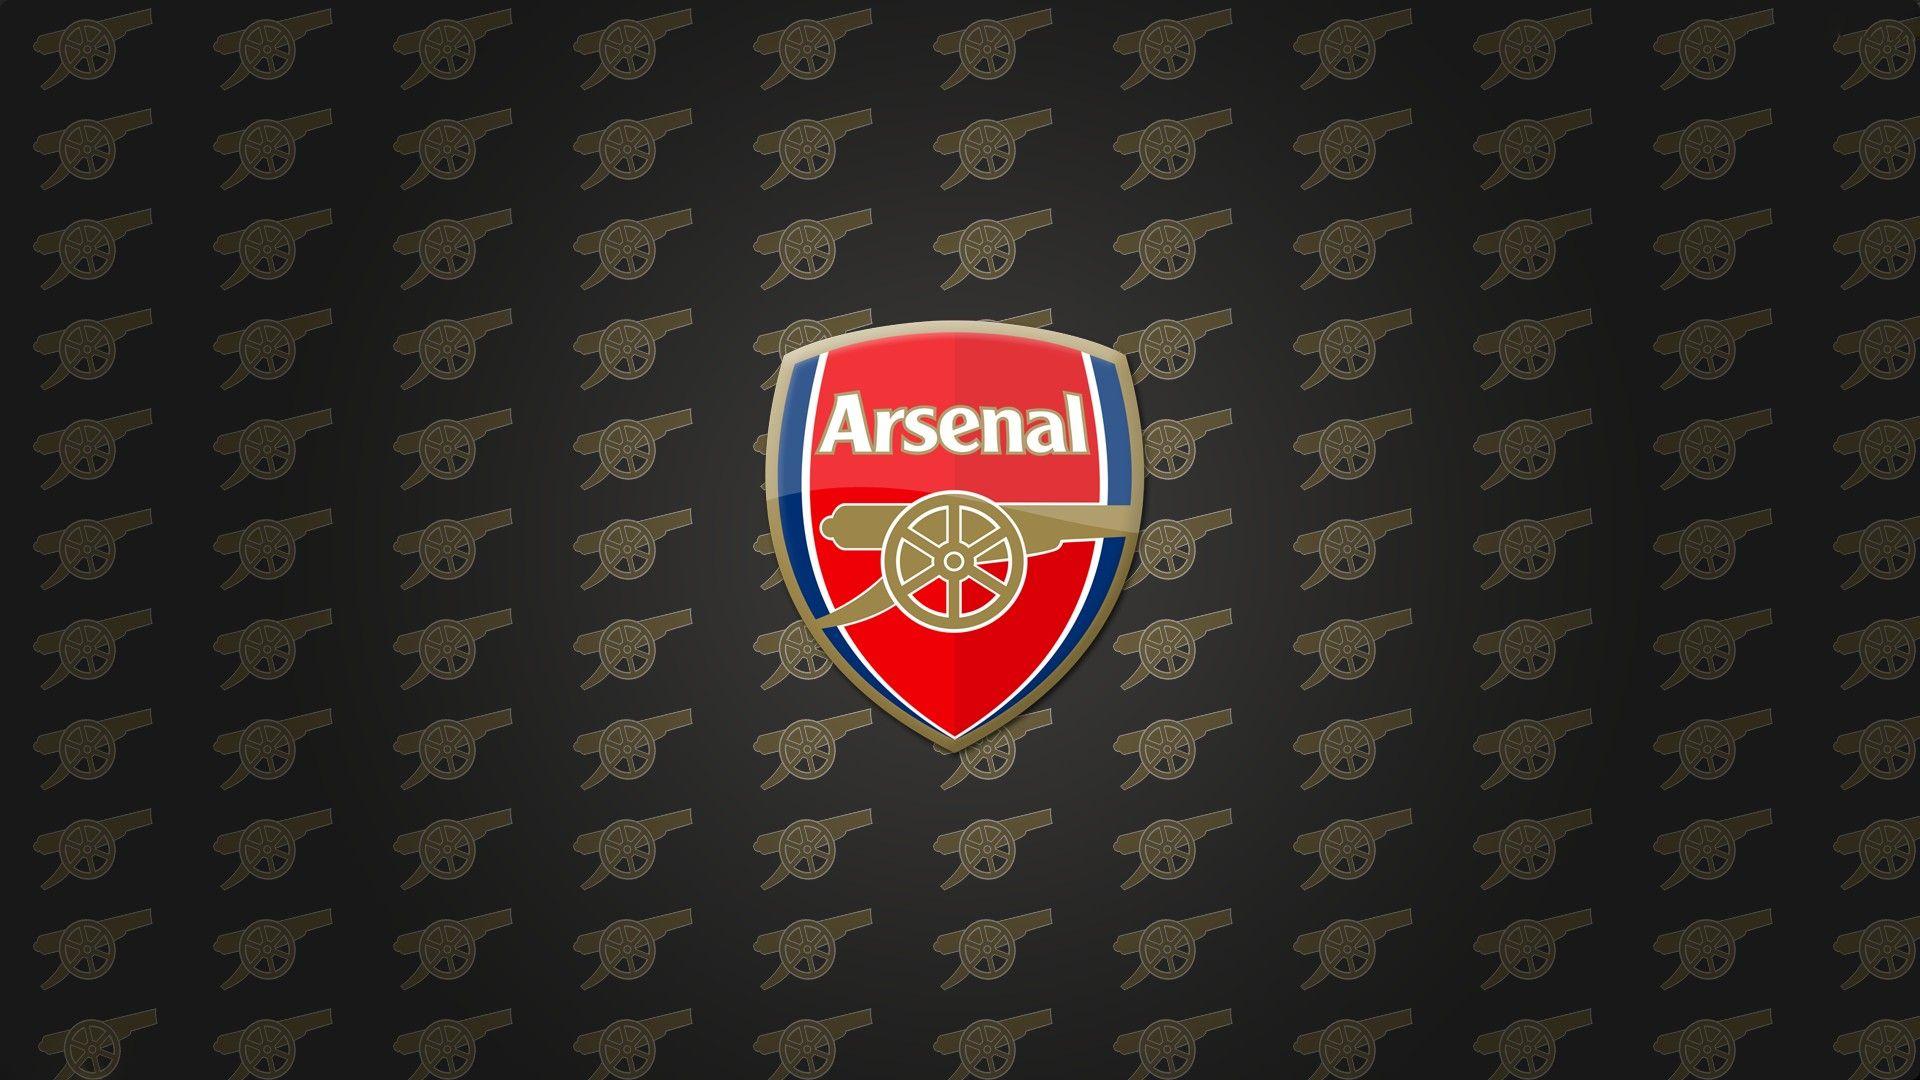 Arsenal Fc Desktop Wallpaper Best Football Wallpaper Hd